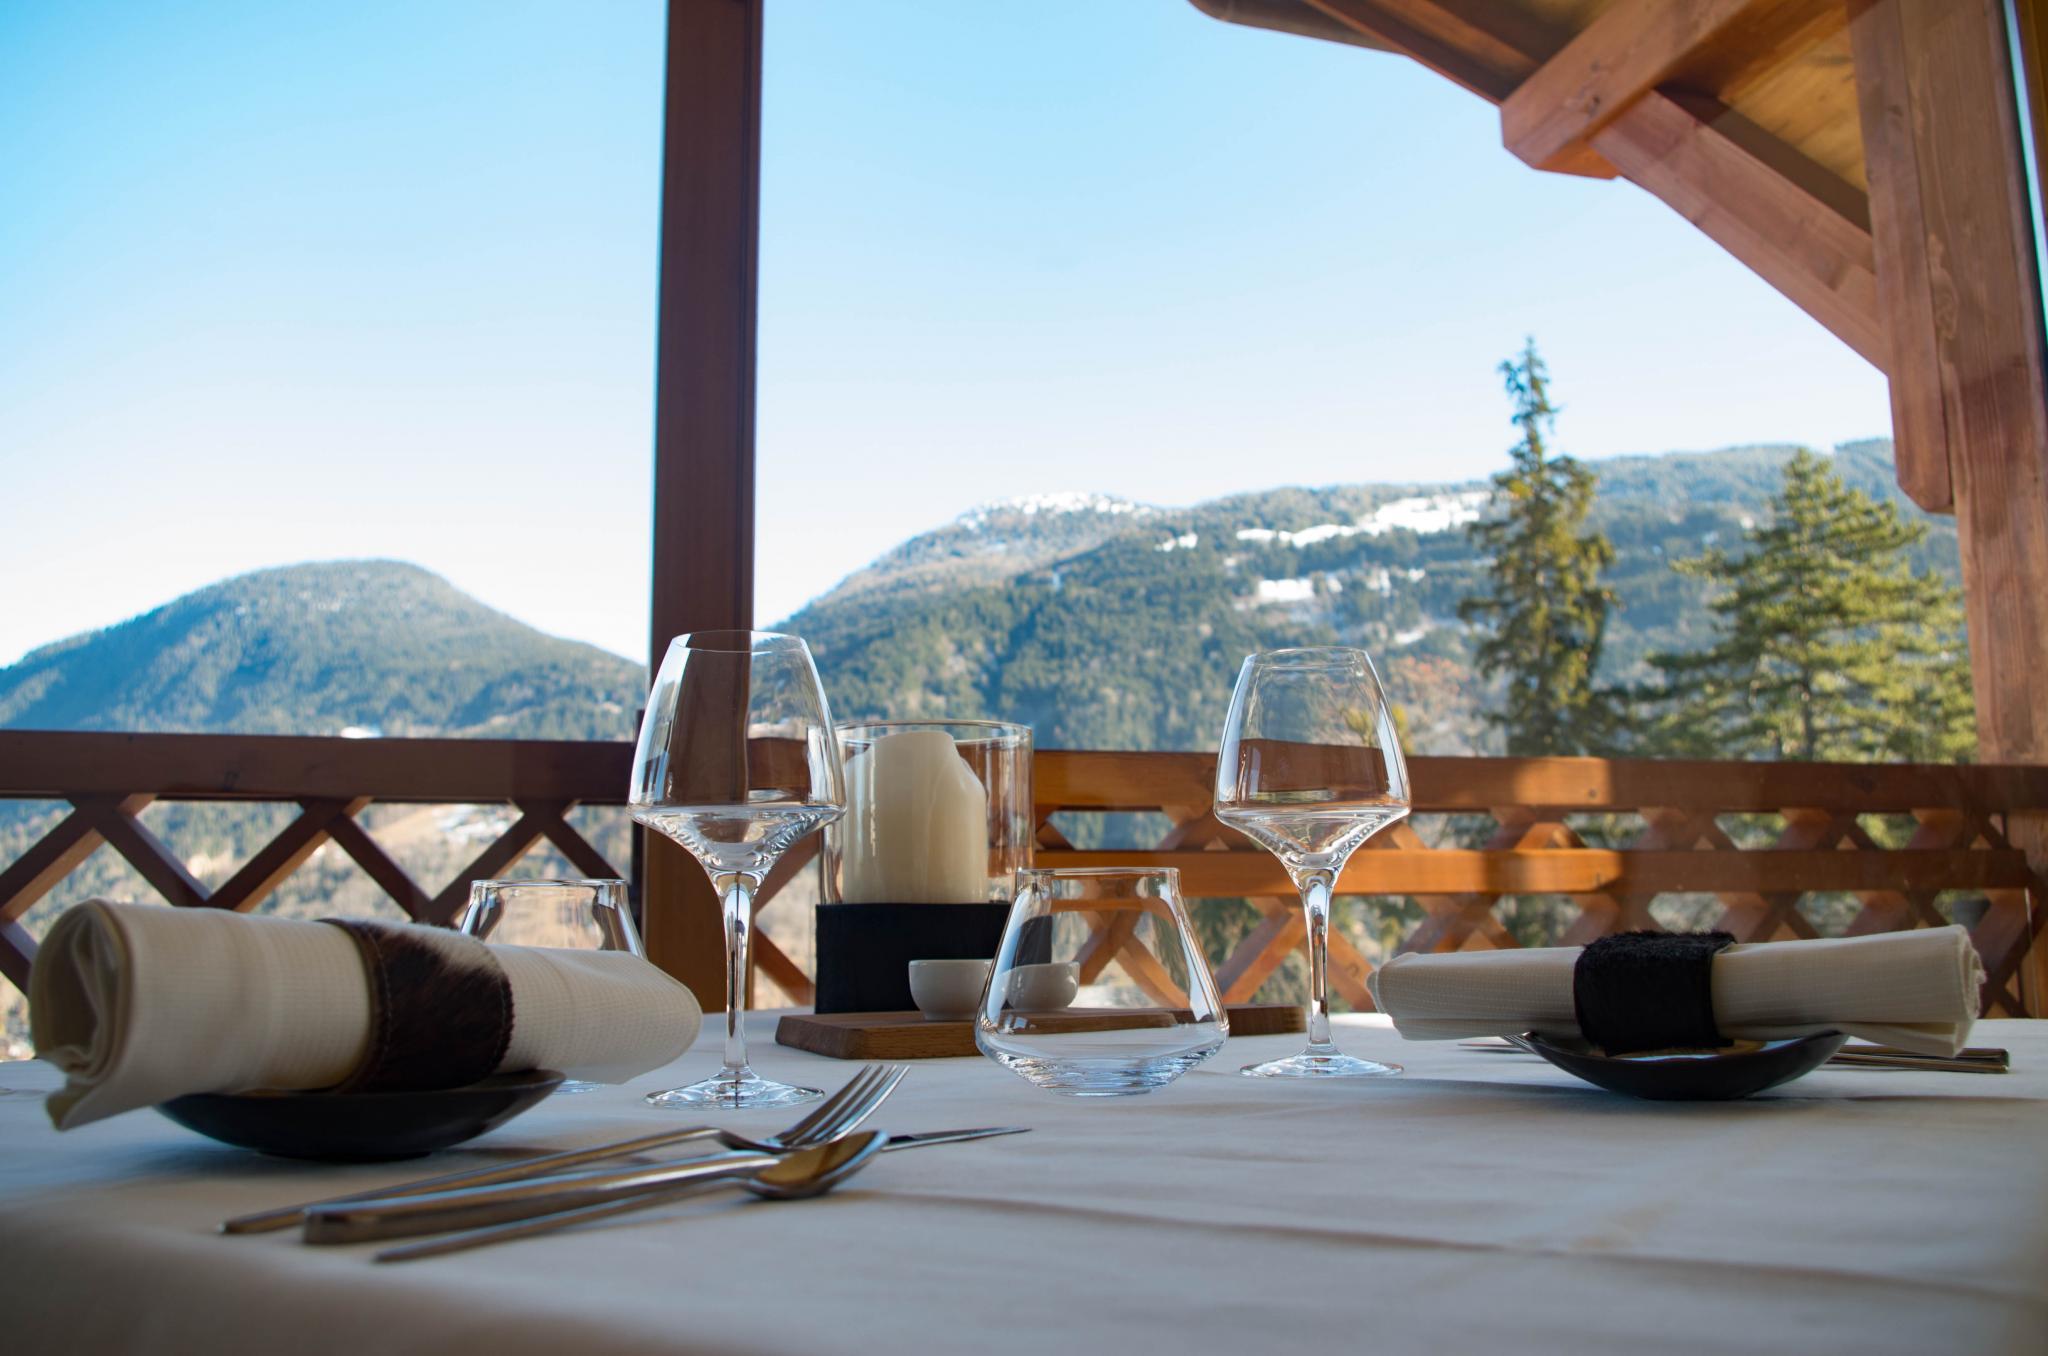 Restaurant de caractère à Saint-Gervais-Les-Bains